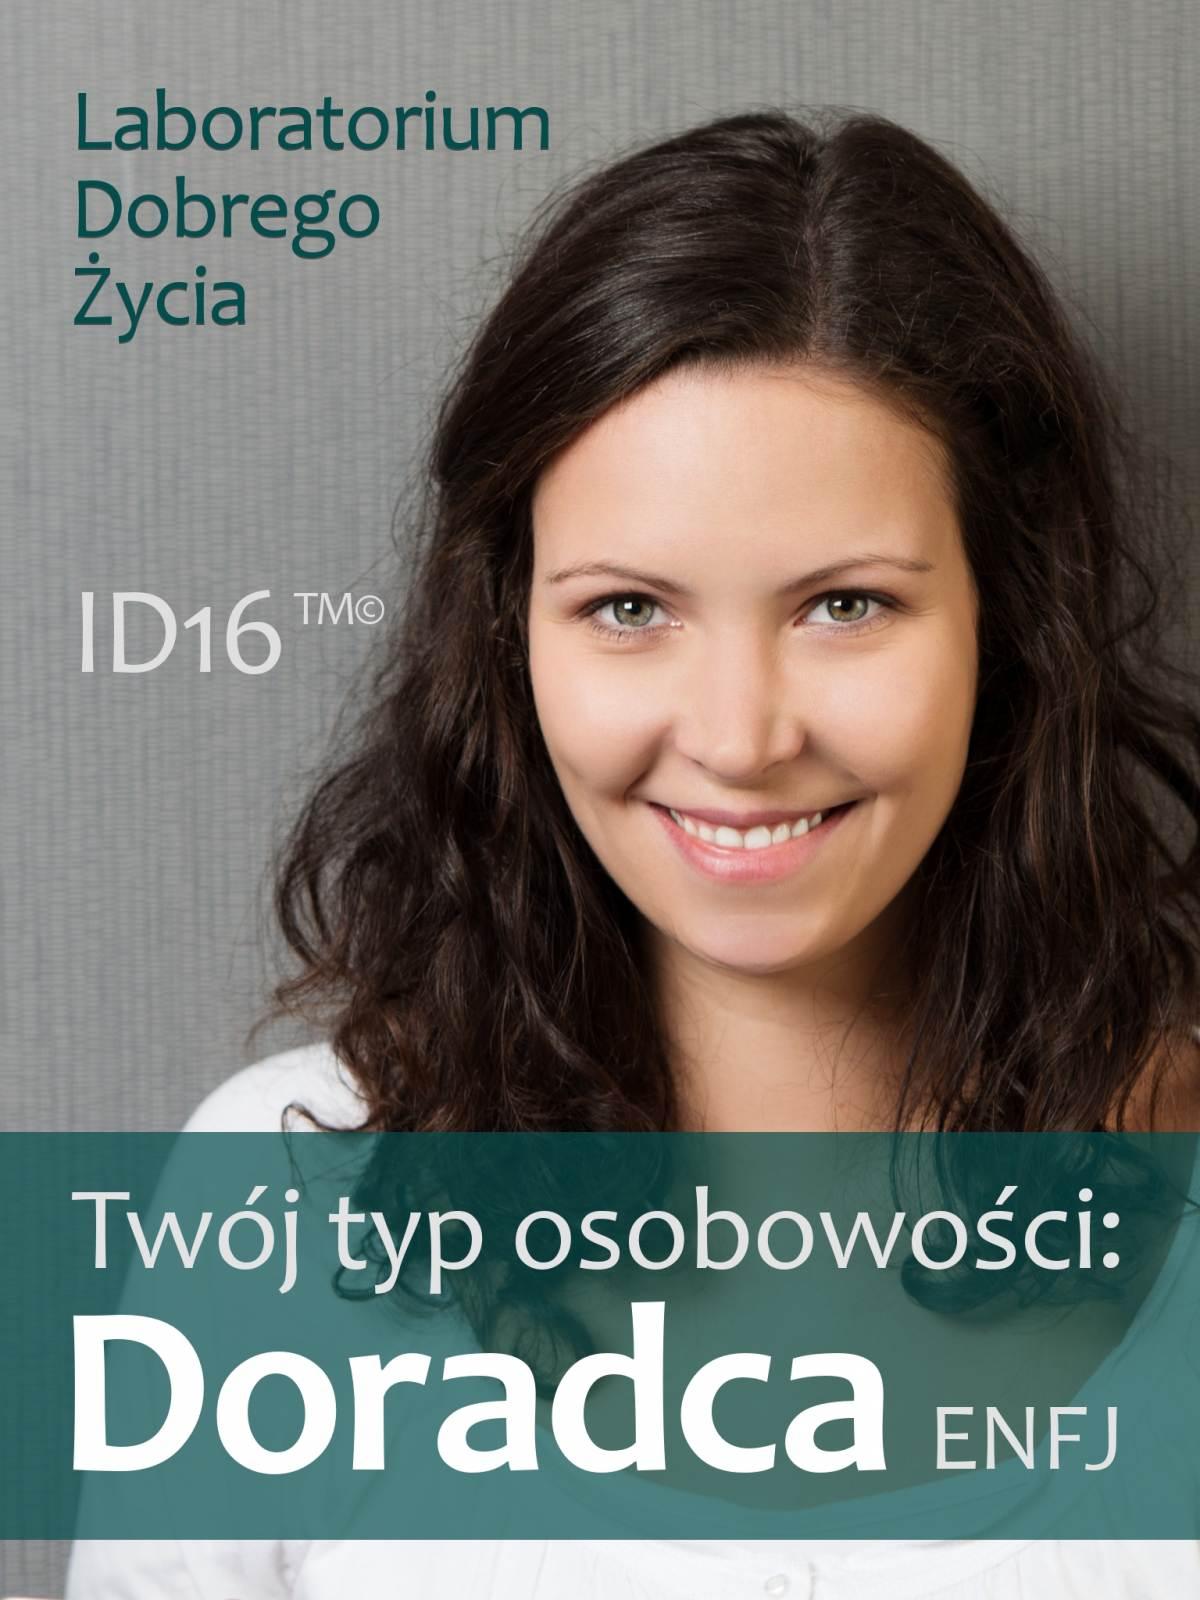 Twój typ osobowości: Doradca (ENFJ) - Ebook (Książka na Kindle) do pobrania w formacie MOBI